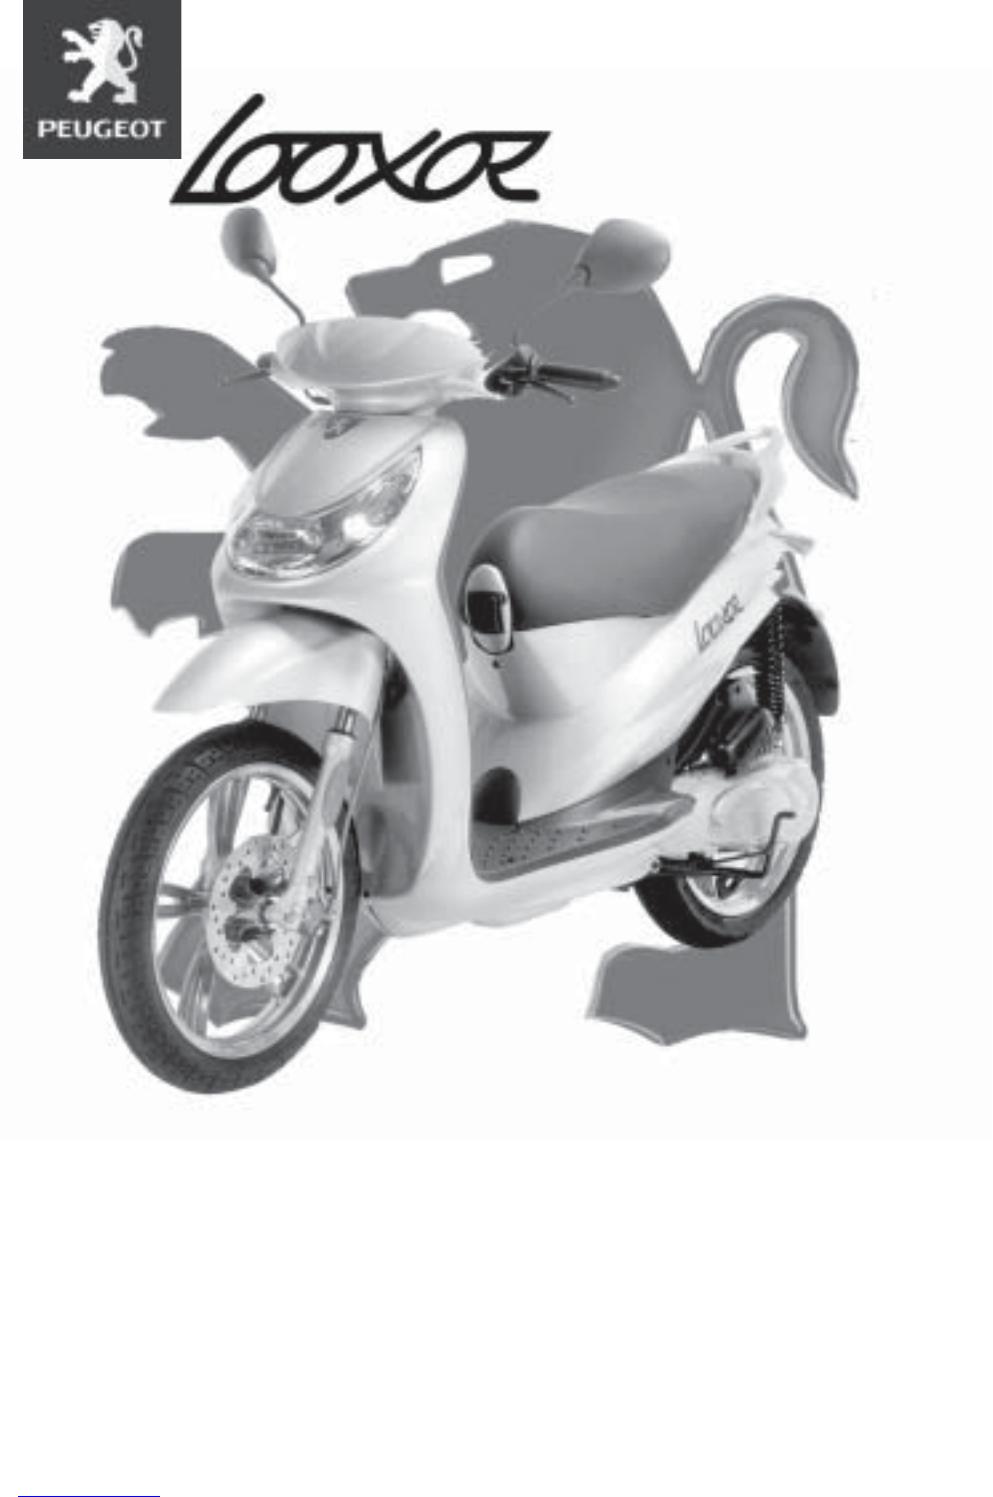 Peugeot Looxor 50